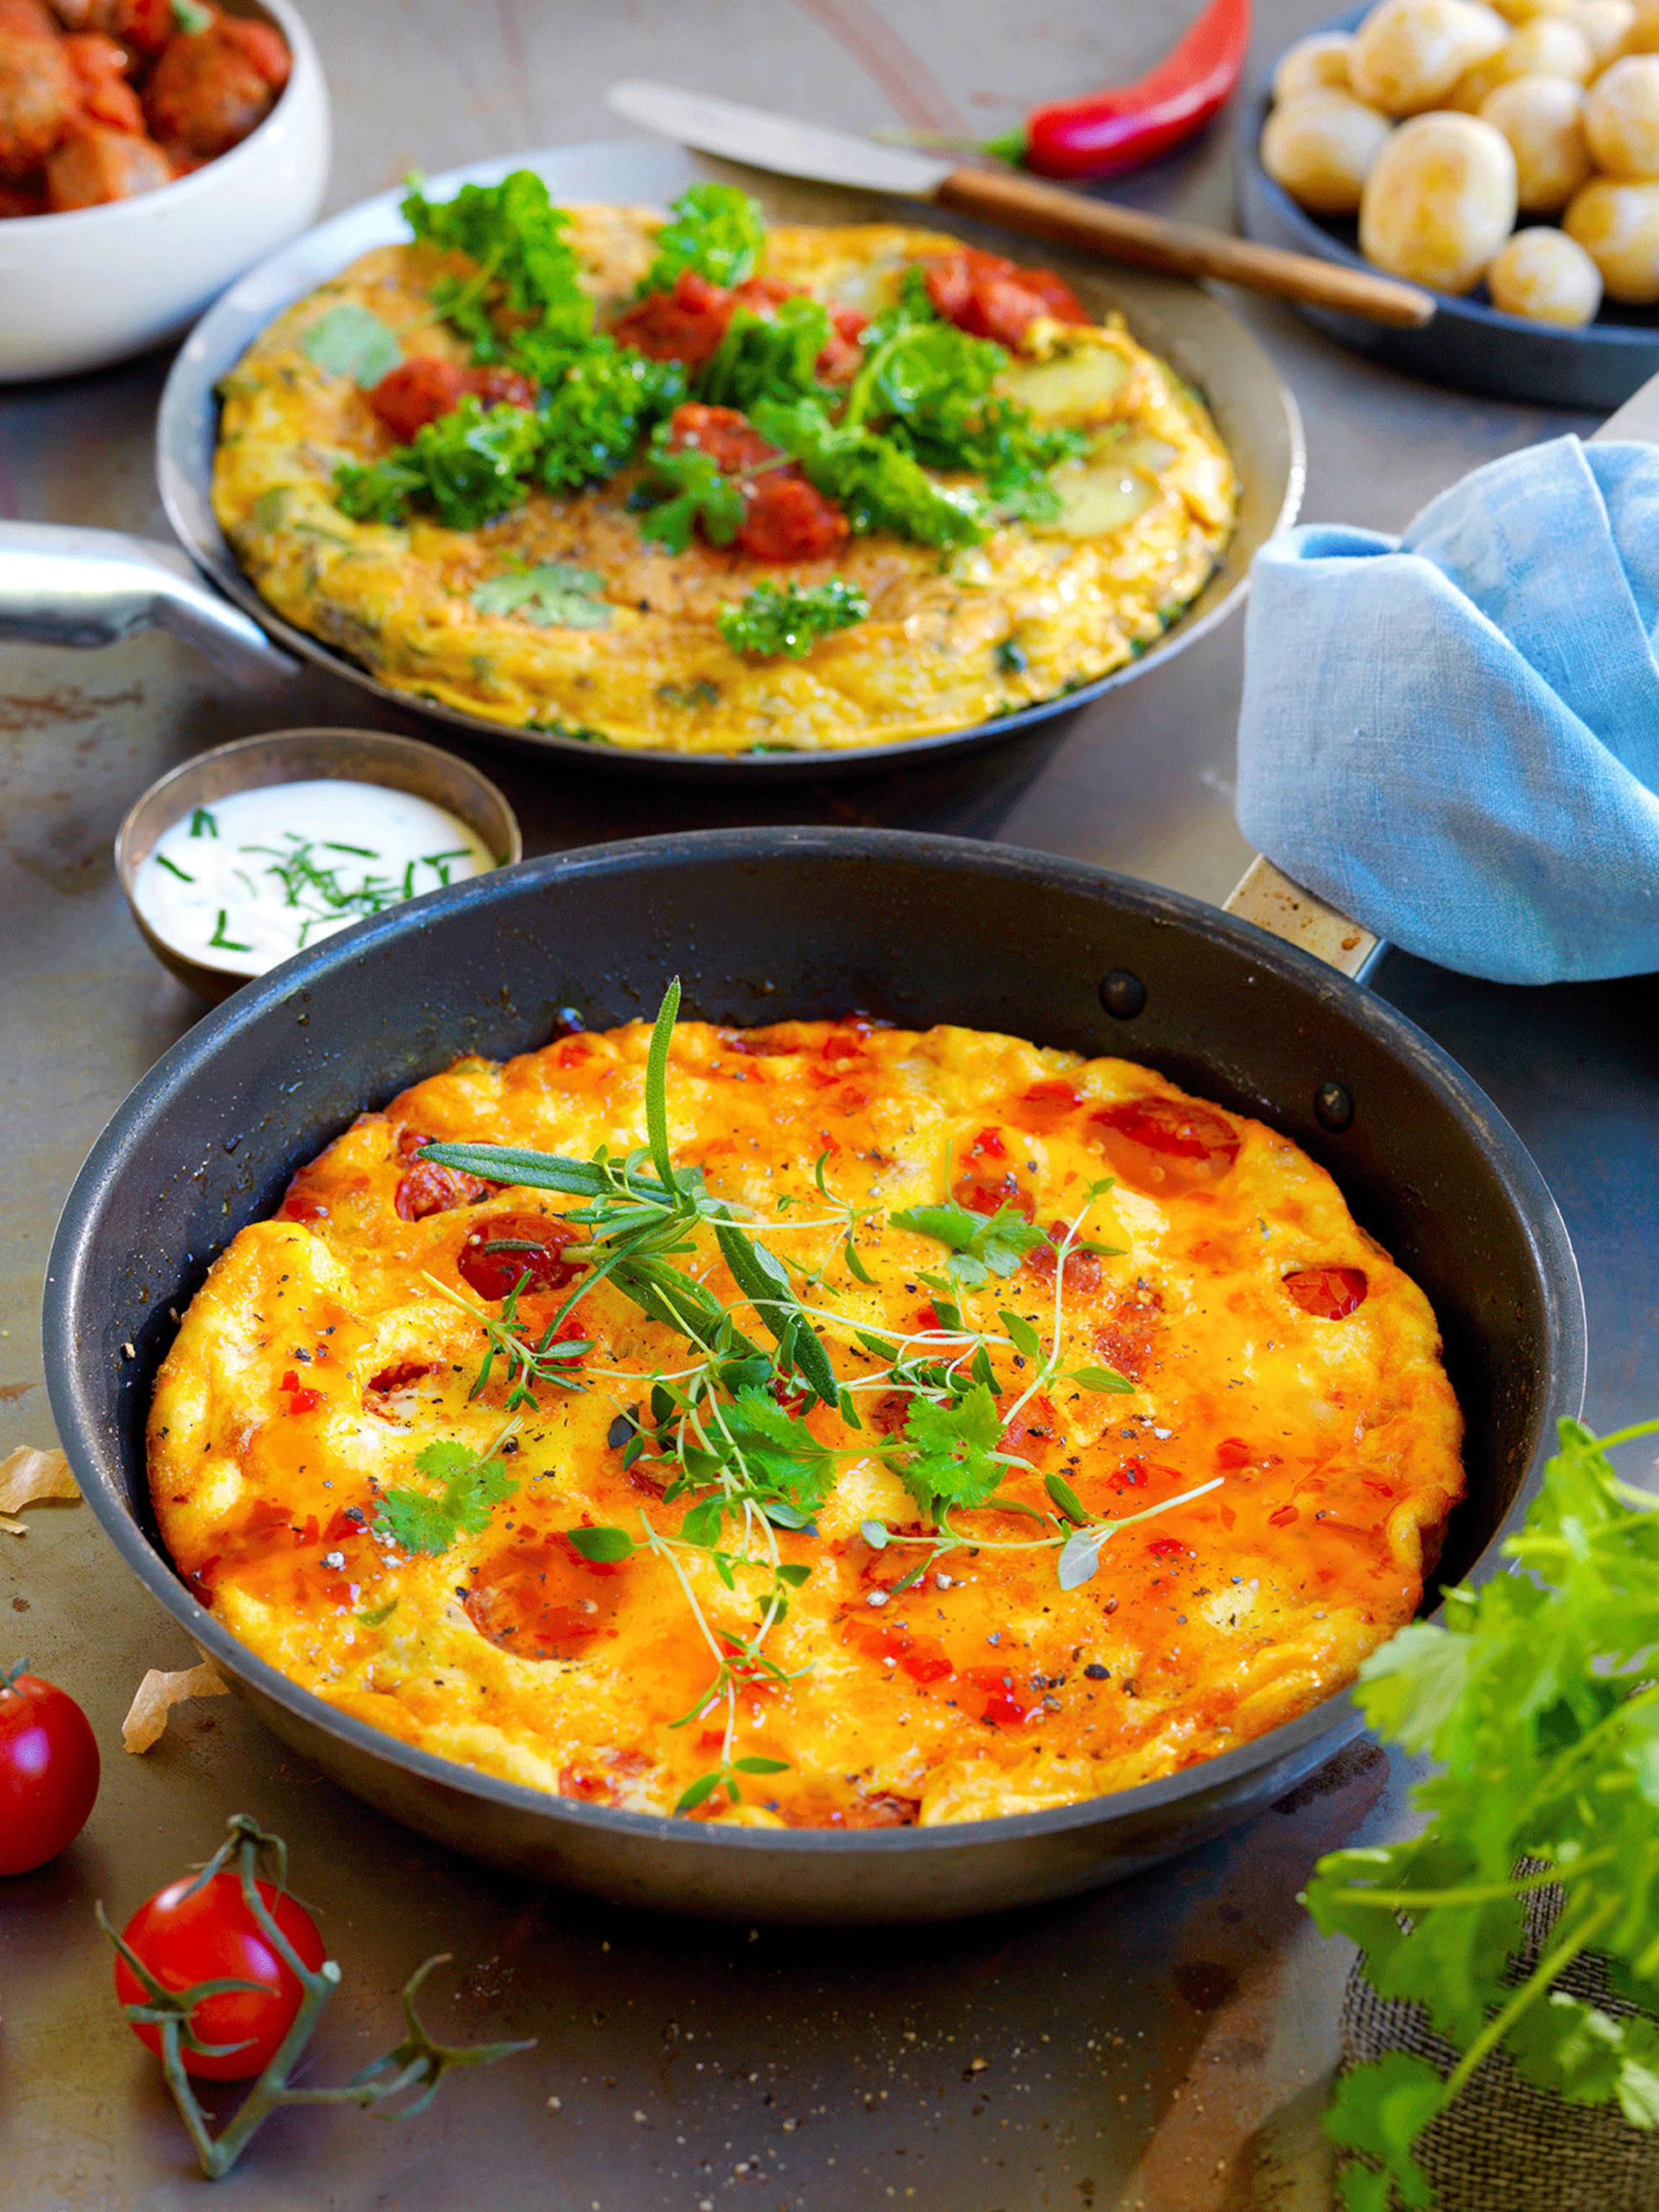 Spansk omelett er en klassisk rett på et tapasbord. Lag en kjøttfri variant med grønnkål, en spicy variant med chorizo, eller begge.